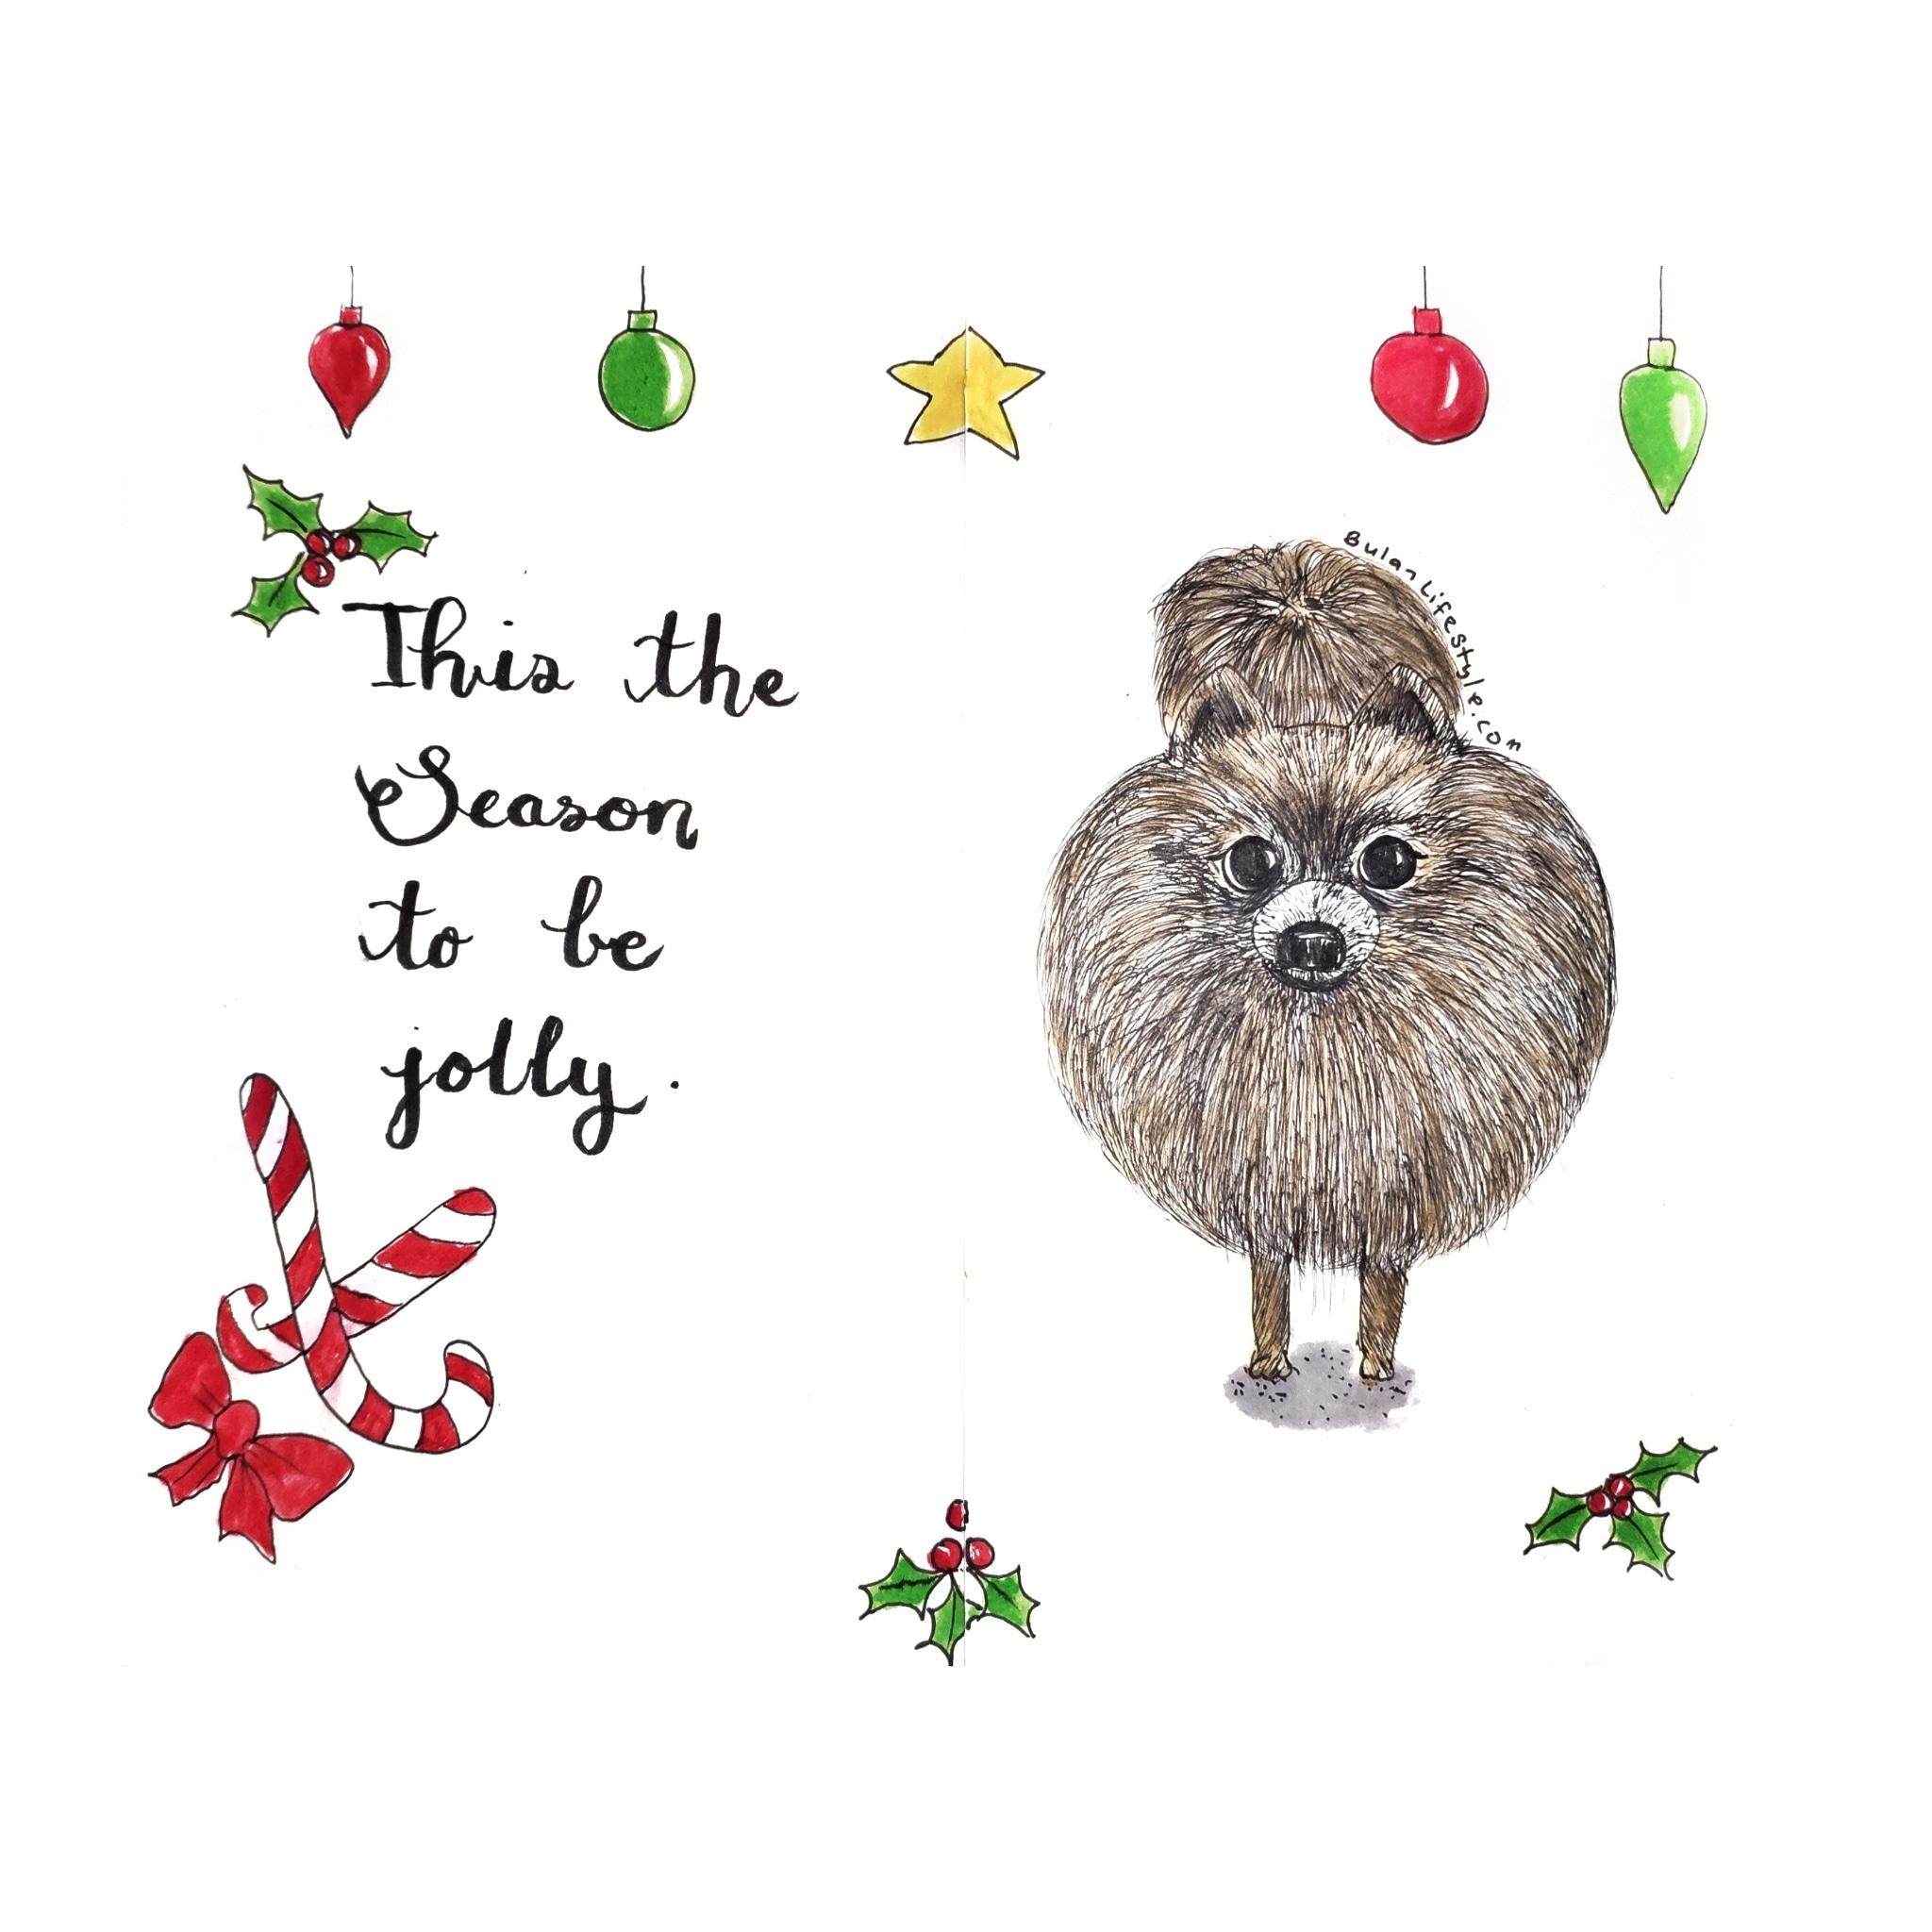 Tis the season to be jolly.